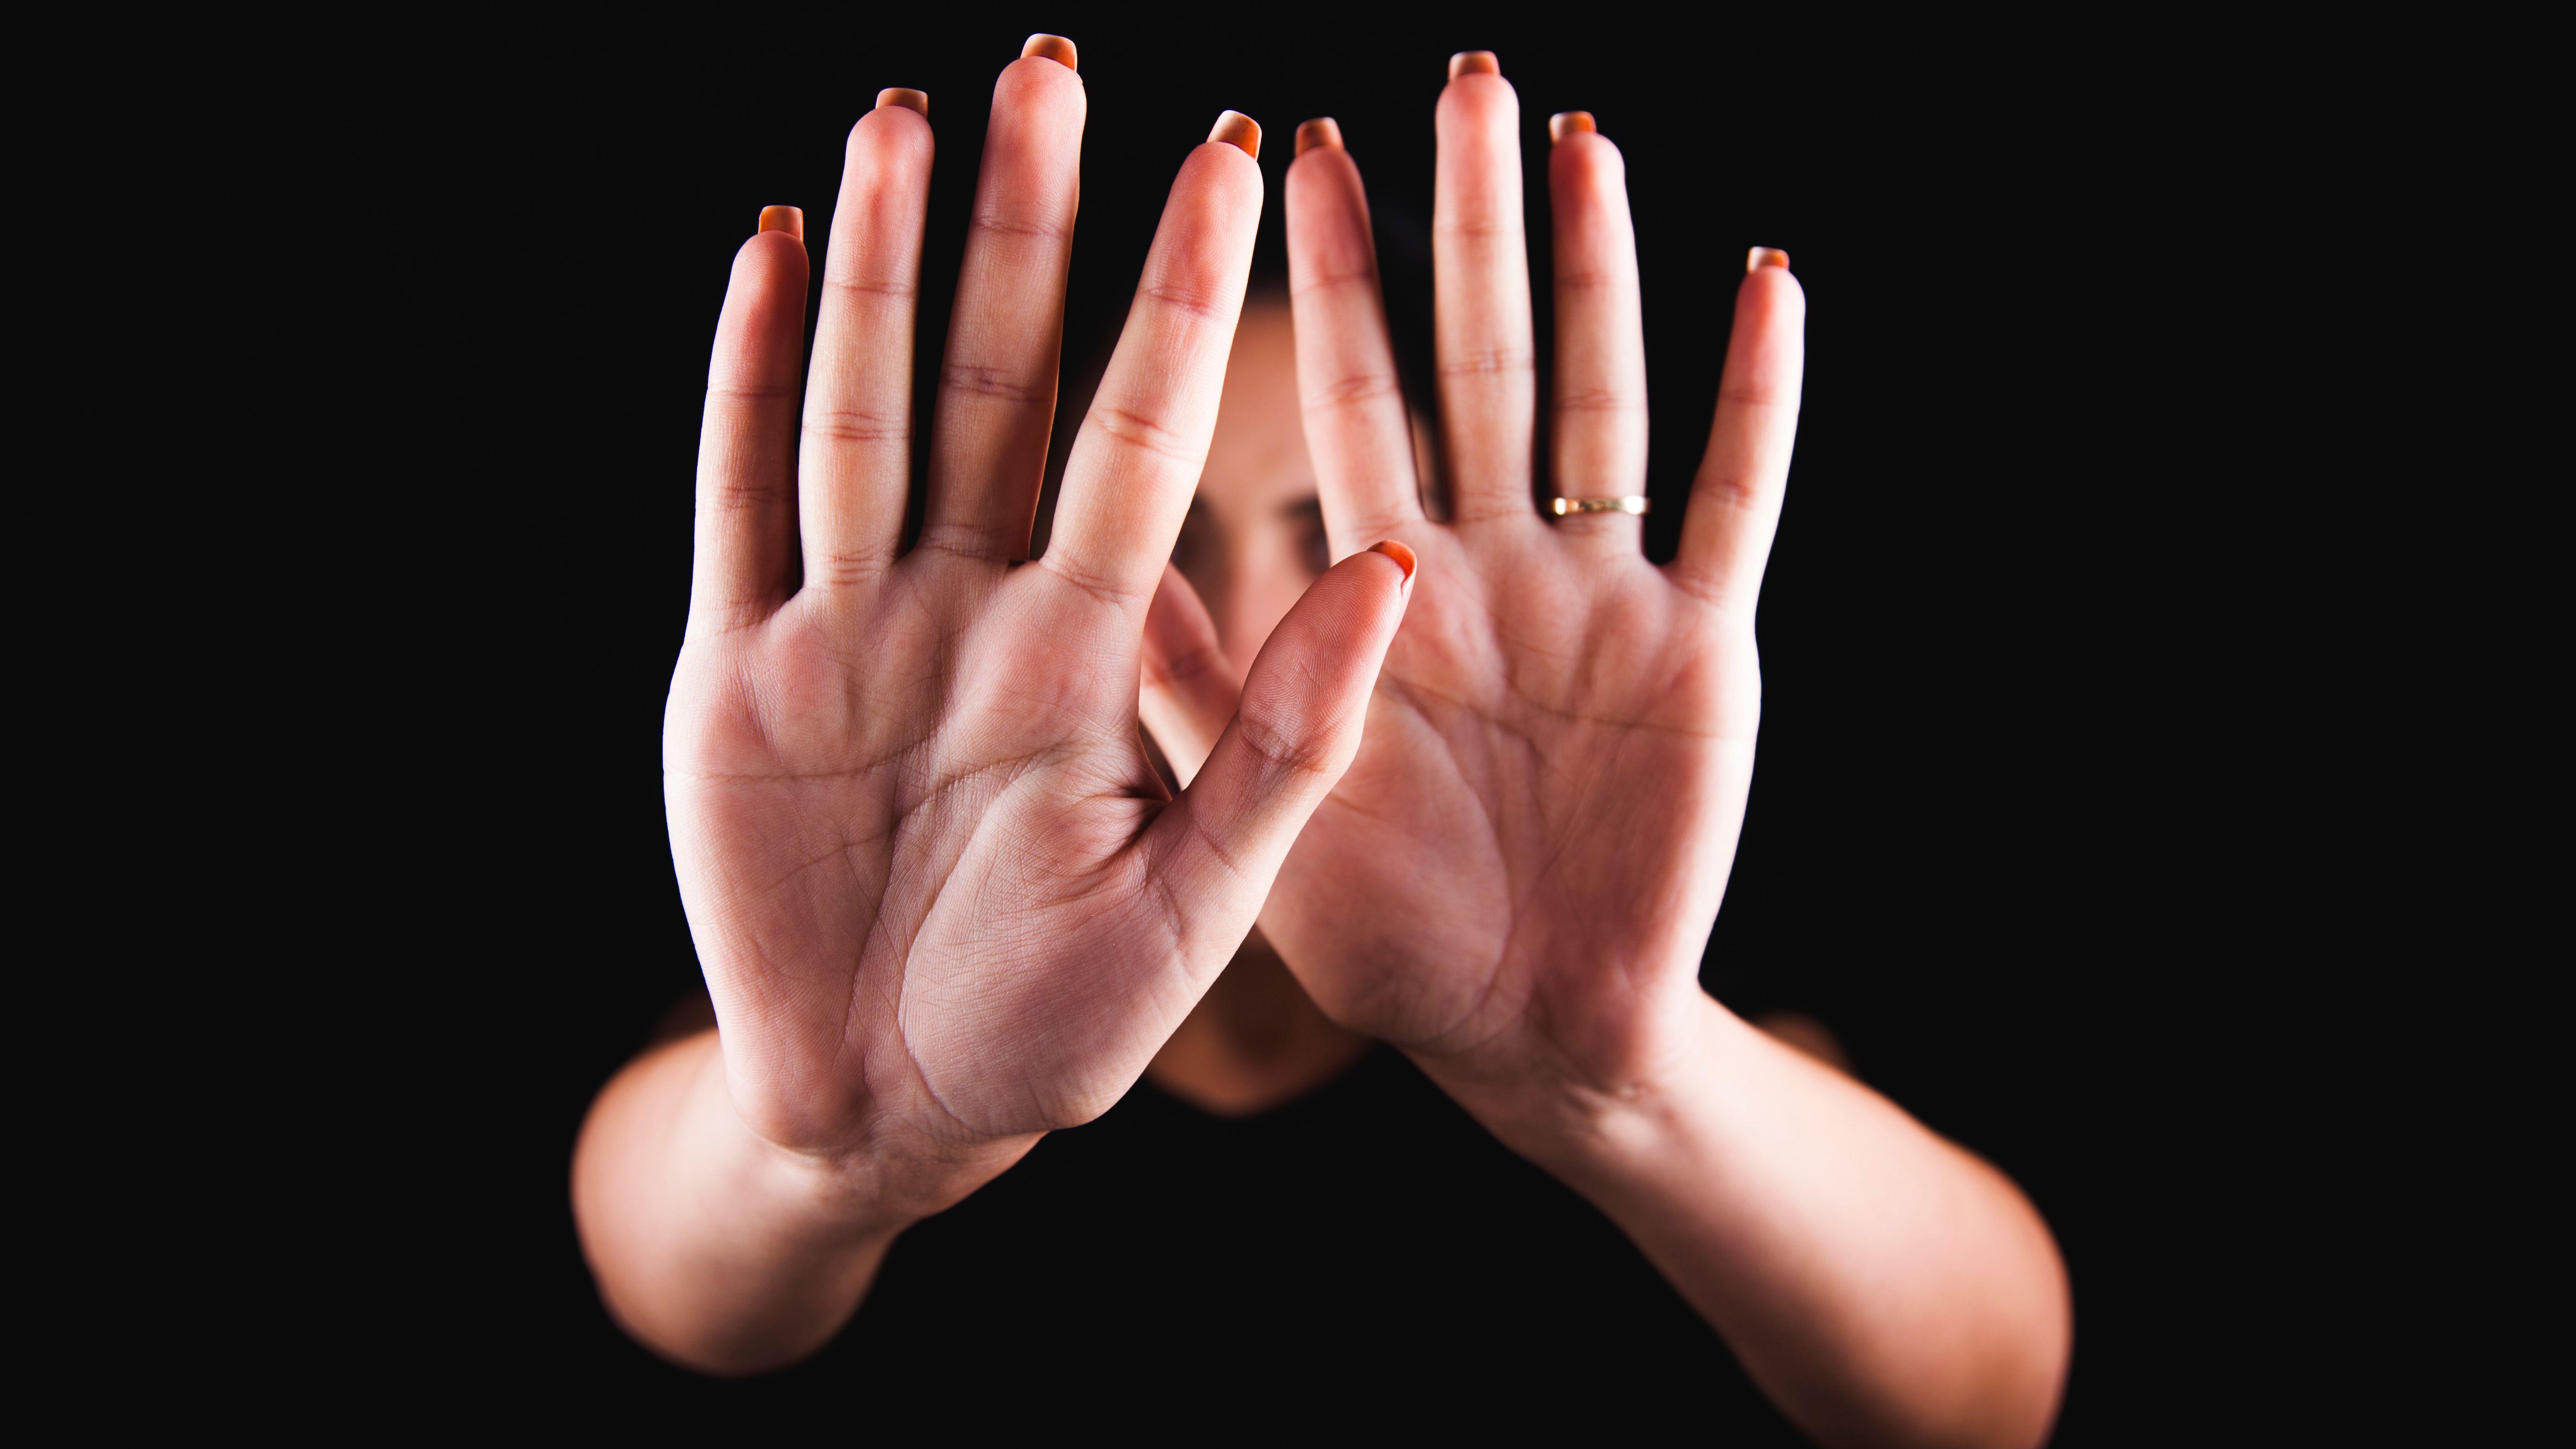 Häusliche Gewalt darf kein Tabuthema bleiben